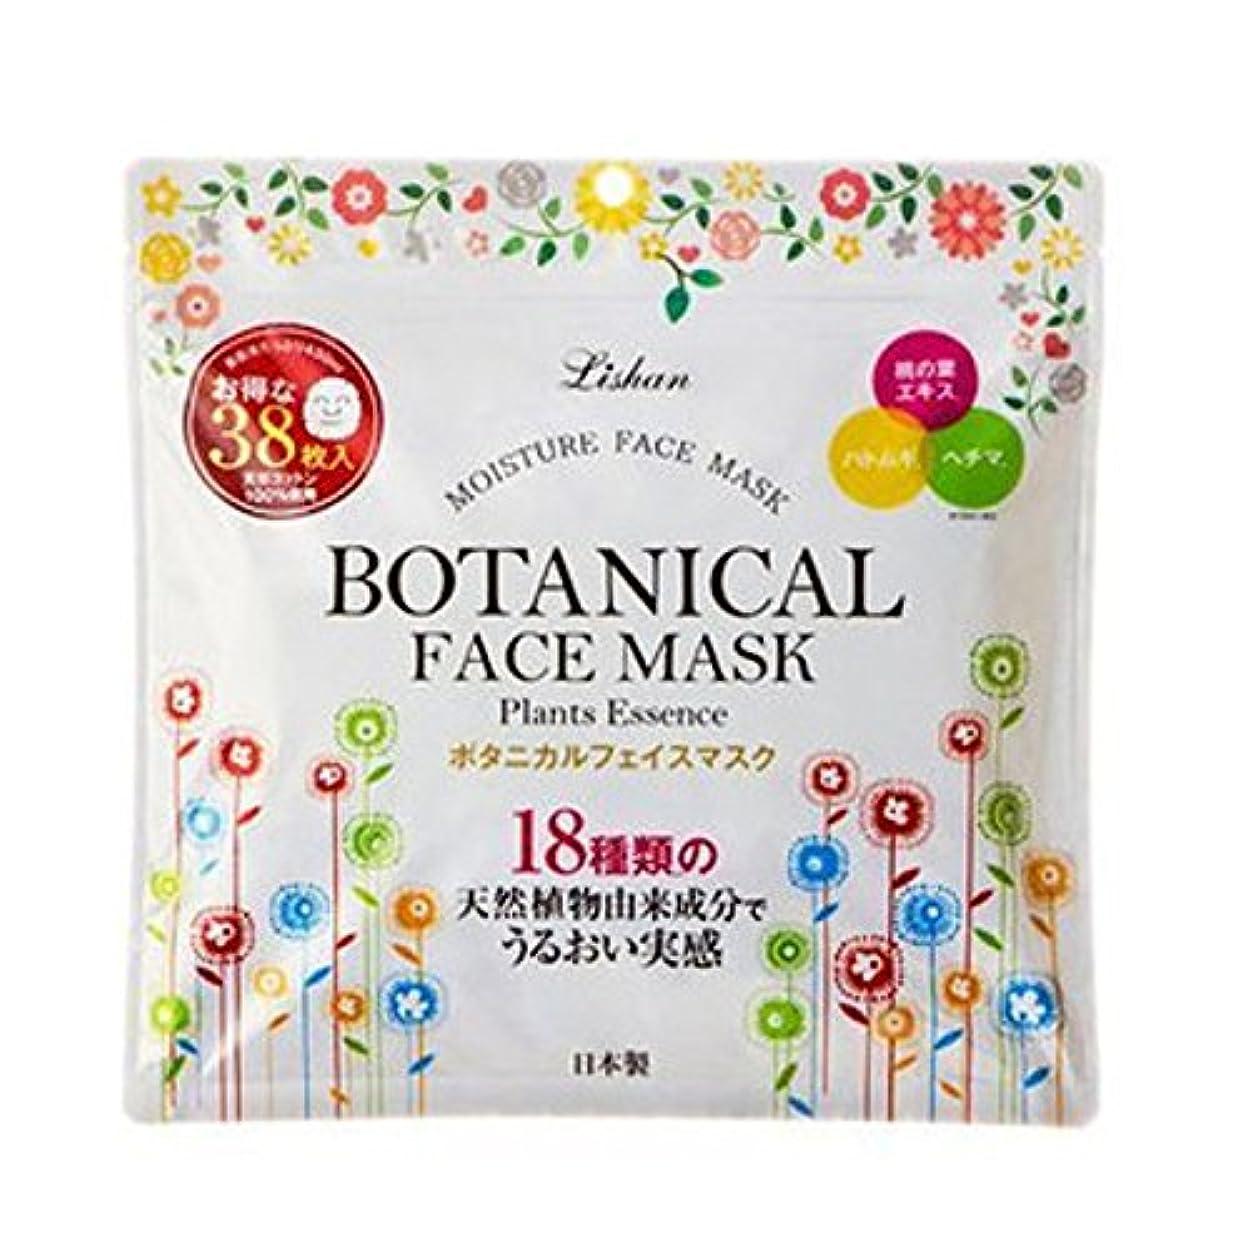 ほこりっぽい音楽家醸造所アイスタイル ボタニカルフェイスマスク38枚入り(フローラルの香り)